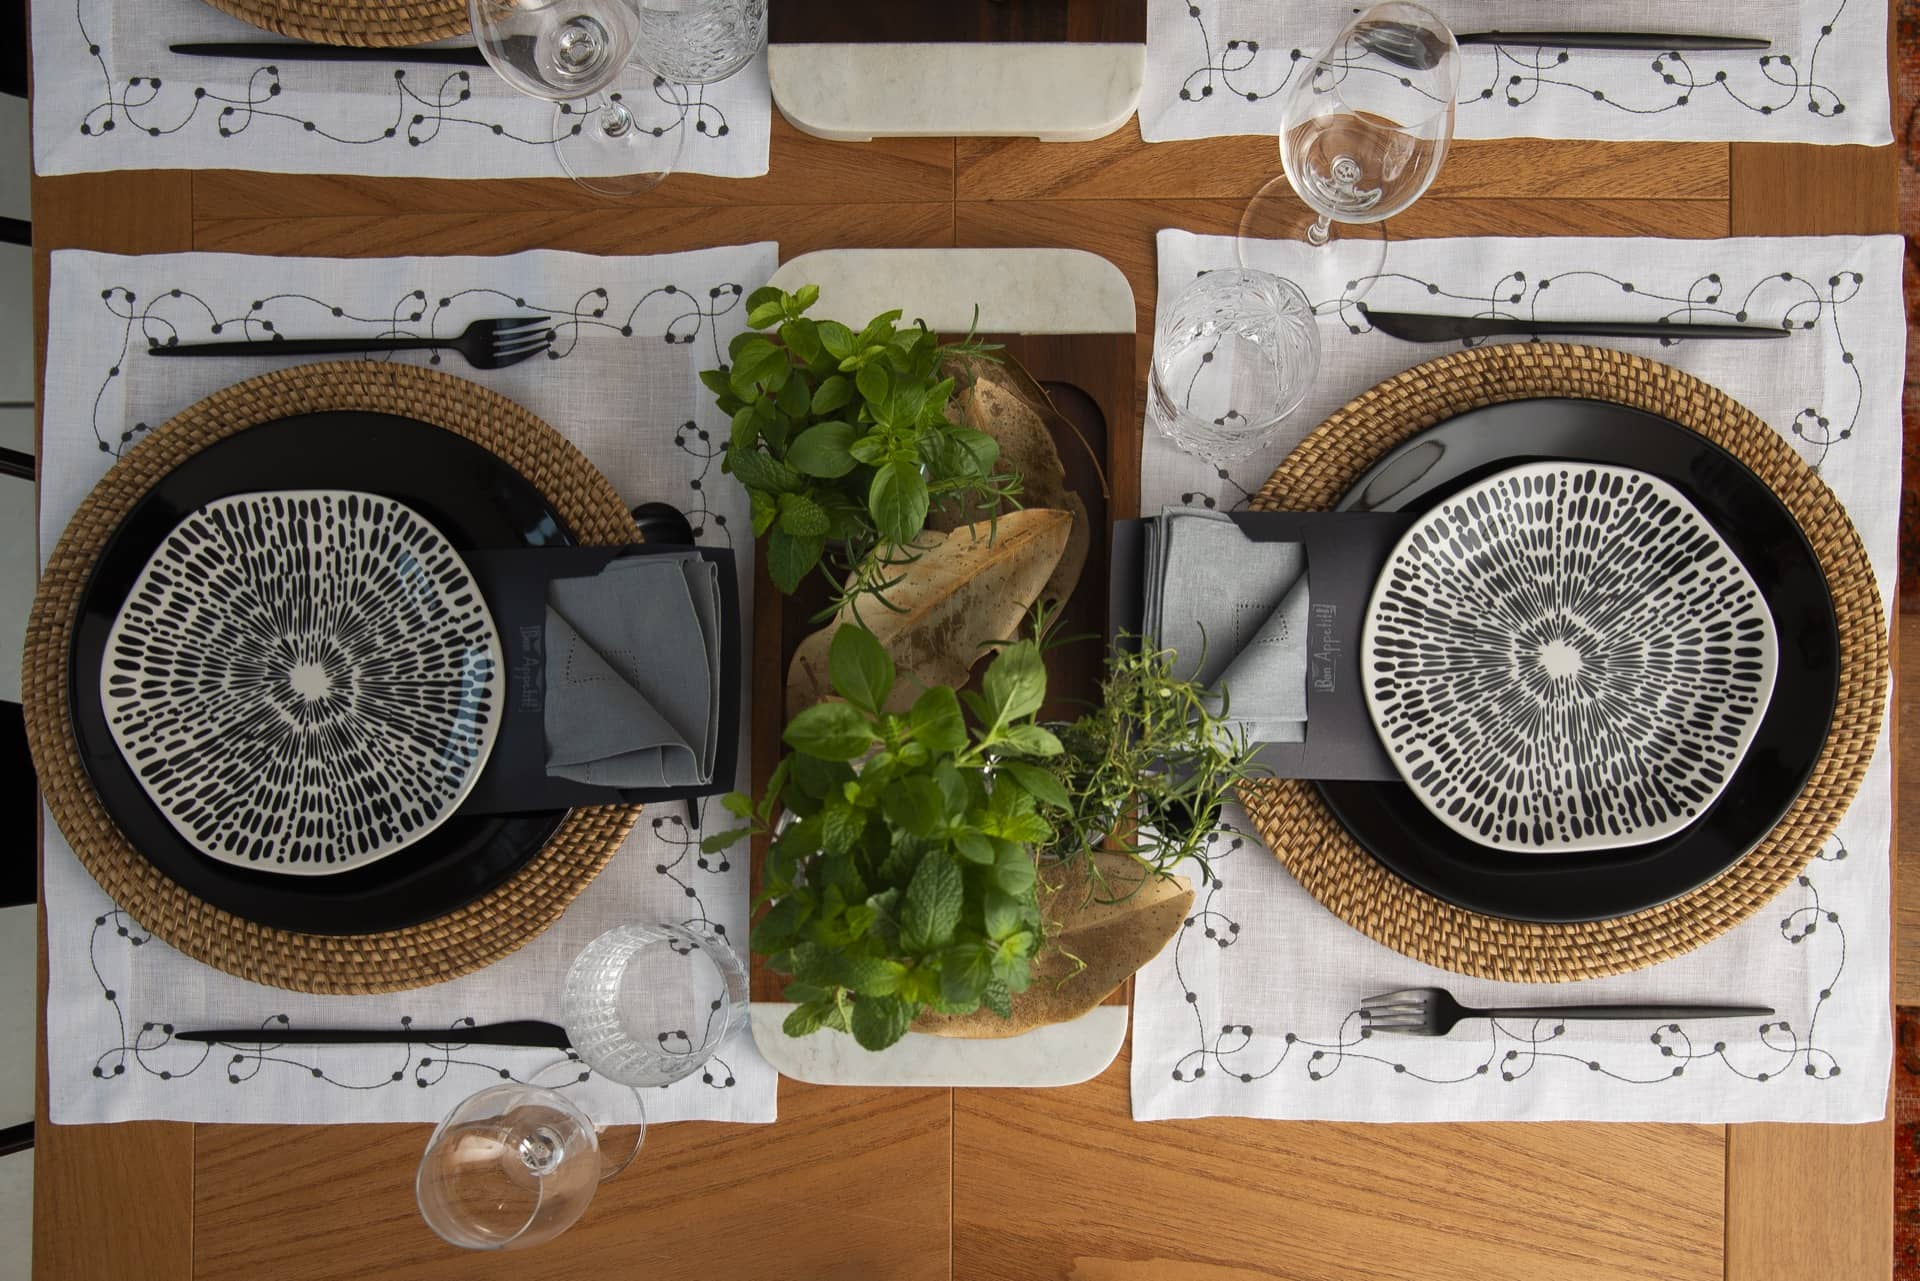 Uma boa ideia é coordenar louças de jogos diferentes. Aqui, usamos o prato de sobremesa Ryo Ink, que tem formas orgânicas e grafismos, e o prato de jantar Coup Black, na cor preta, ambos da Oxford. Por baixo, ficam: o sousplat de palha e o jogo americano com desenho de arabescos, da Artenamesa. Foto: Cacá Bratke